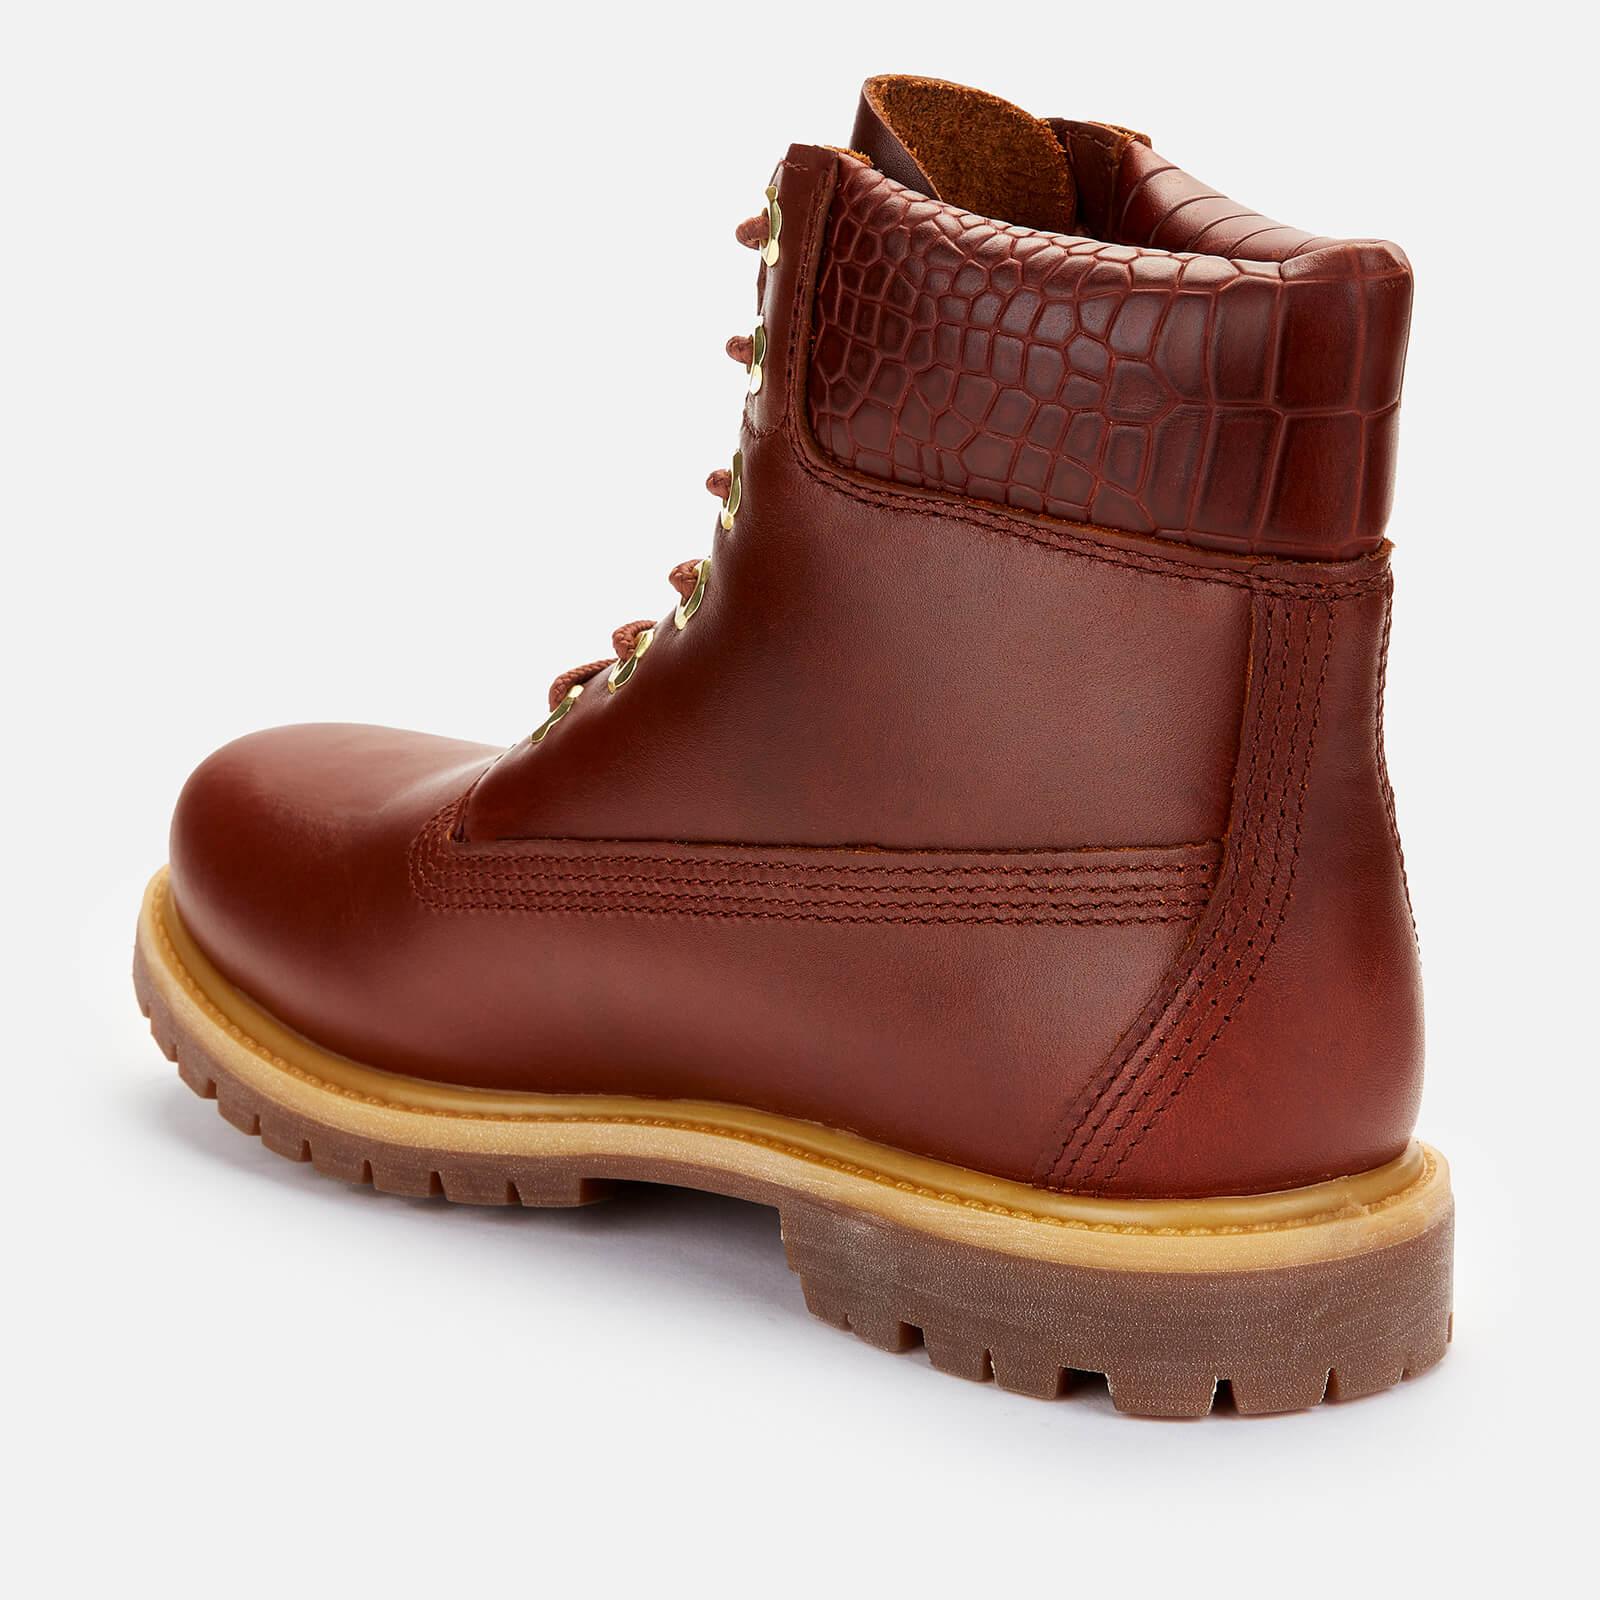 Timberland Women's 6 Inch Nubuck Premium Boots - Medium Brown/Croc - Uk 3